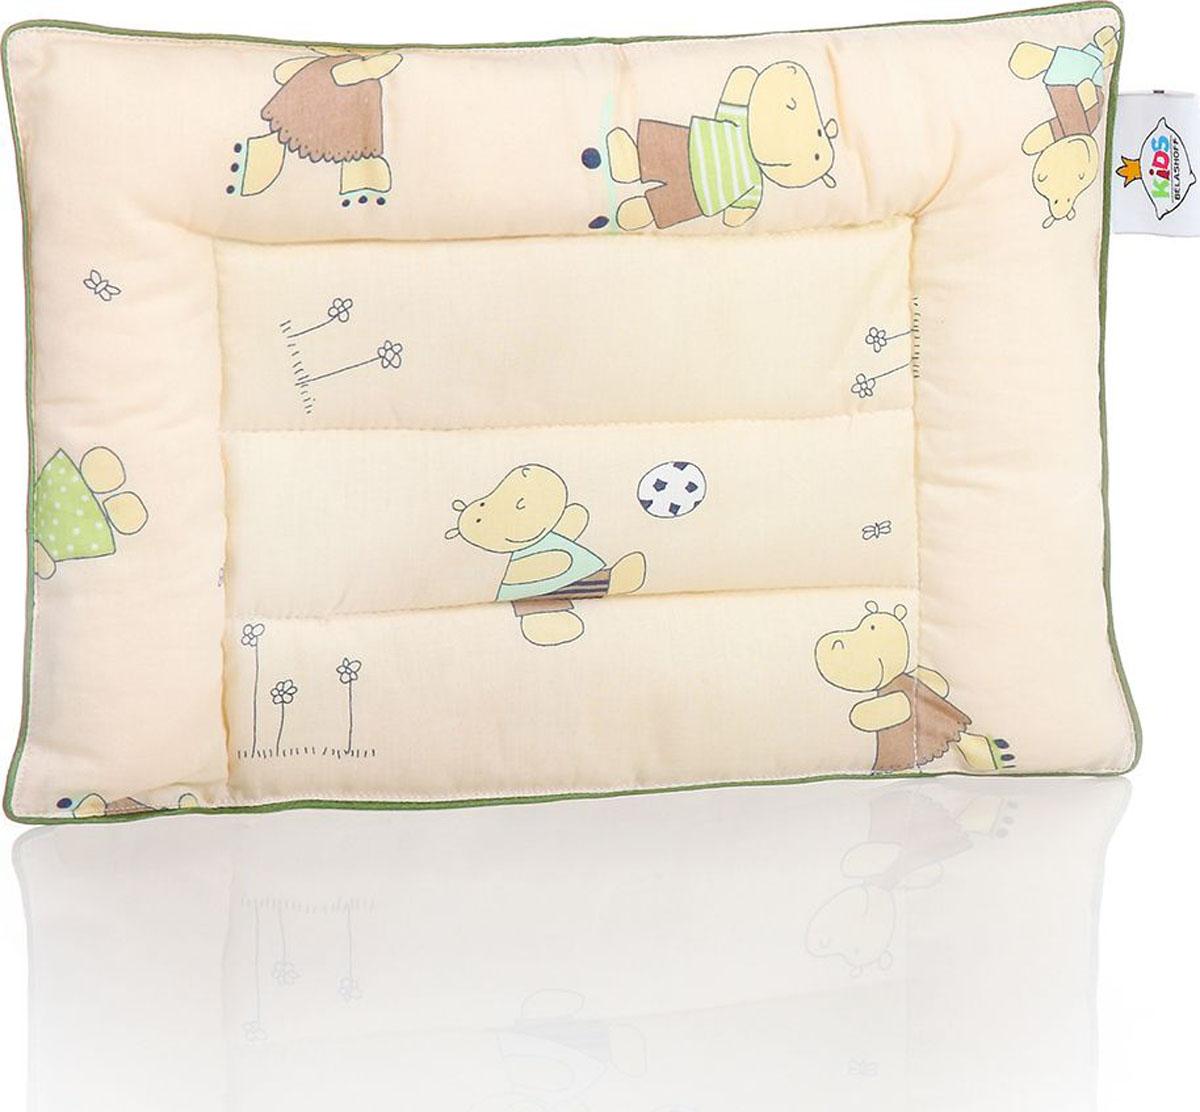 Belashoff Kids Подушка детская Наша Умничка цвет бежевый зеленый 28 x 43 смКЛП3Коллекция Наша Умничка – разнообразные продукты для ярких детских снов!Снаружи – хлопковая ткань с забавными рисунками нежных расцветок. Ткань с подобранным компаньоном делают принадлежности для сна веселыми и красивыми. Для самых красочных и радостных детских снов.Внутри – Лебяжий пух – наполнитель из тончайшего силиконизированного микроволокна высокого качества. Он нежный, мягкий и упругий одновременно. Безопасен для детей и не вызывает аллергии.Эта подушка замечательно подходит для детской кроватки.Небольшая толщина и упругость этой подушки позволяют использовать ее с самого раннего возраста.